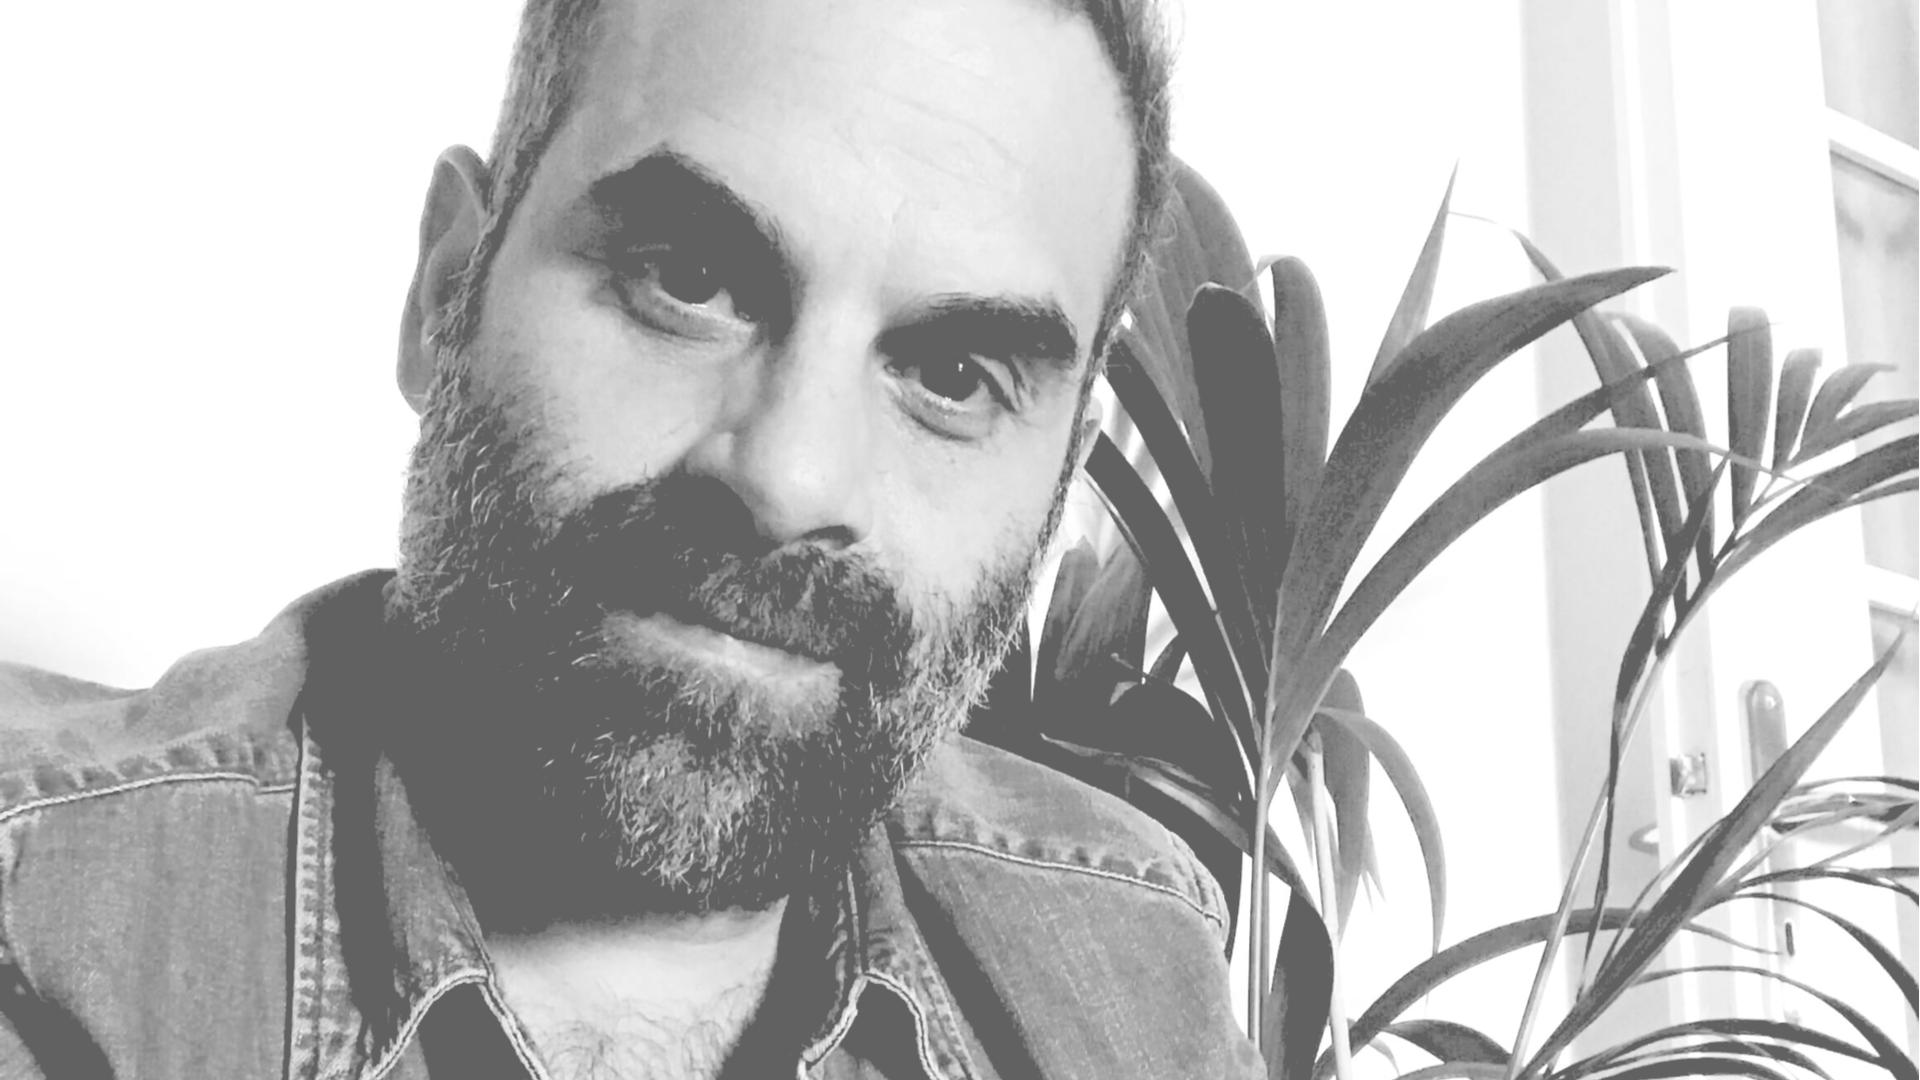 Γιώργος Κρυστάλλης: o συνιδιοκτήτης των επιτυχημένων Bootleg Athens και Henhouse Athens